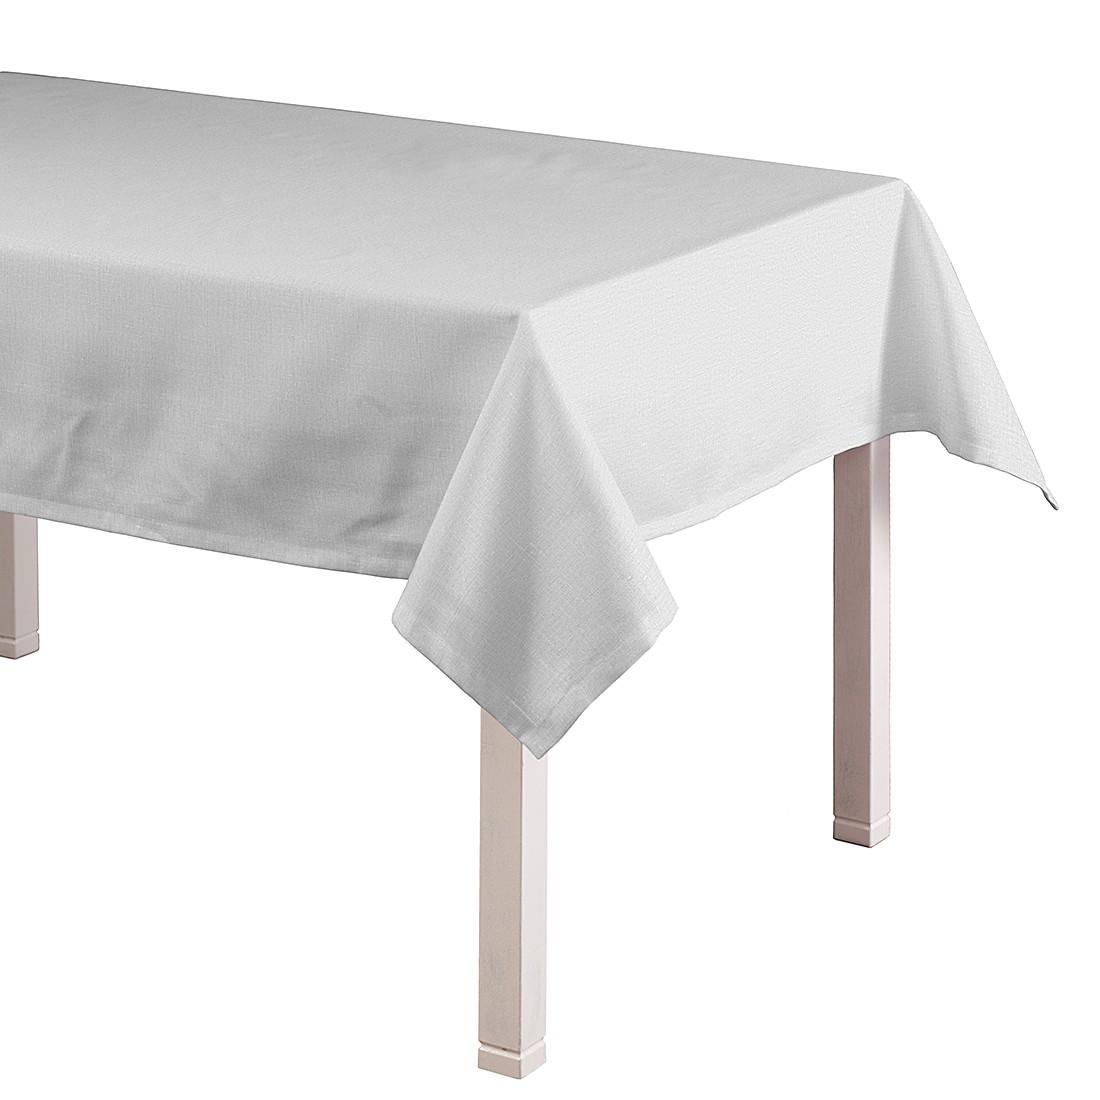 Tischdecke Linen – Elfenbein – 130 x 180 cm, Dekoria online bestellen